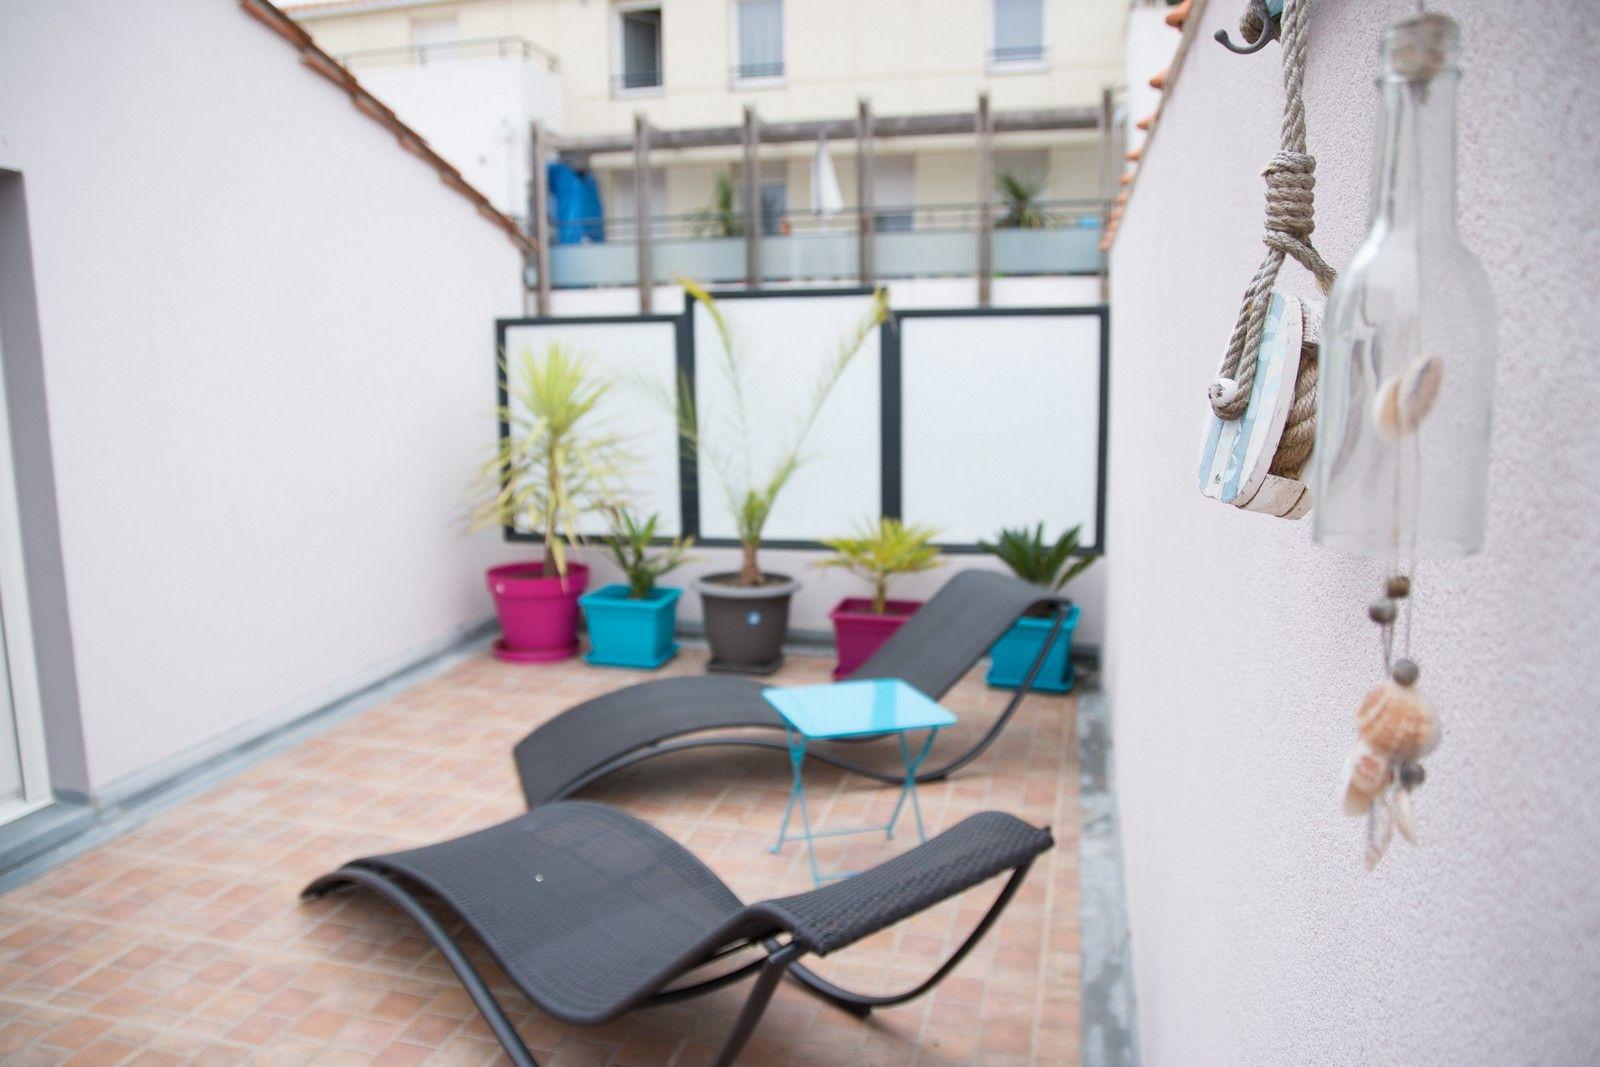 Bain de soleil sur la terrasse